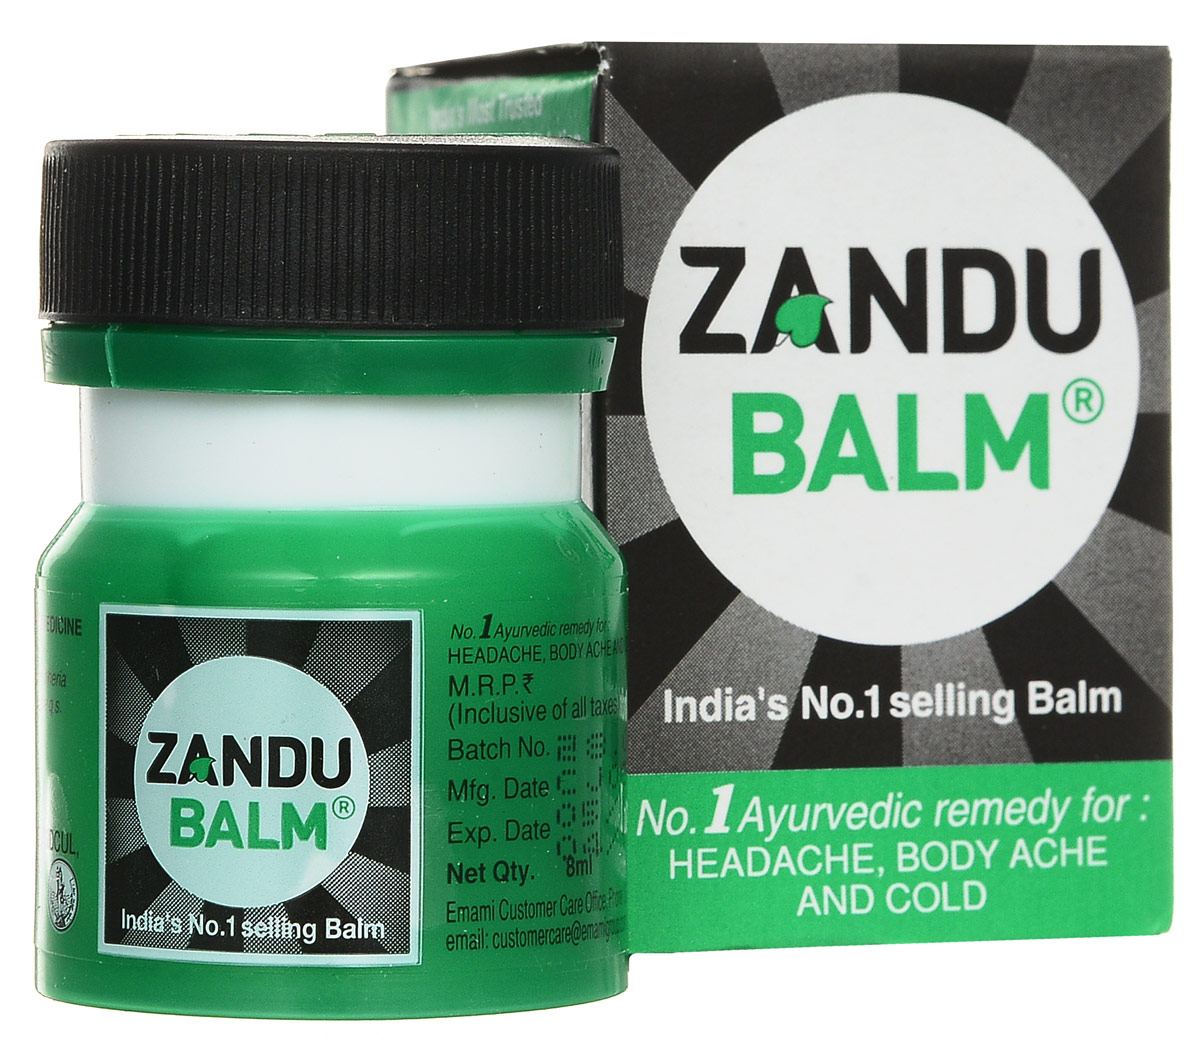 Zandu бальзам, 8 мл701105Почти мгновенно снимает головную боль, а также боли при растяжении, ушибе, ревматизме.Срок годности: 3 года.